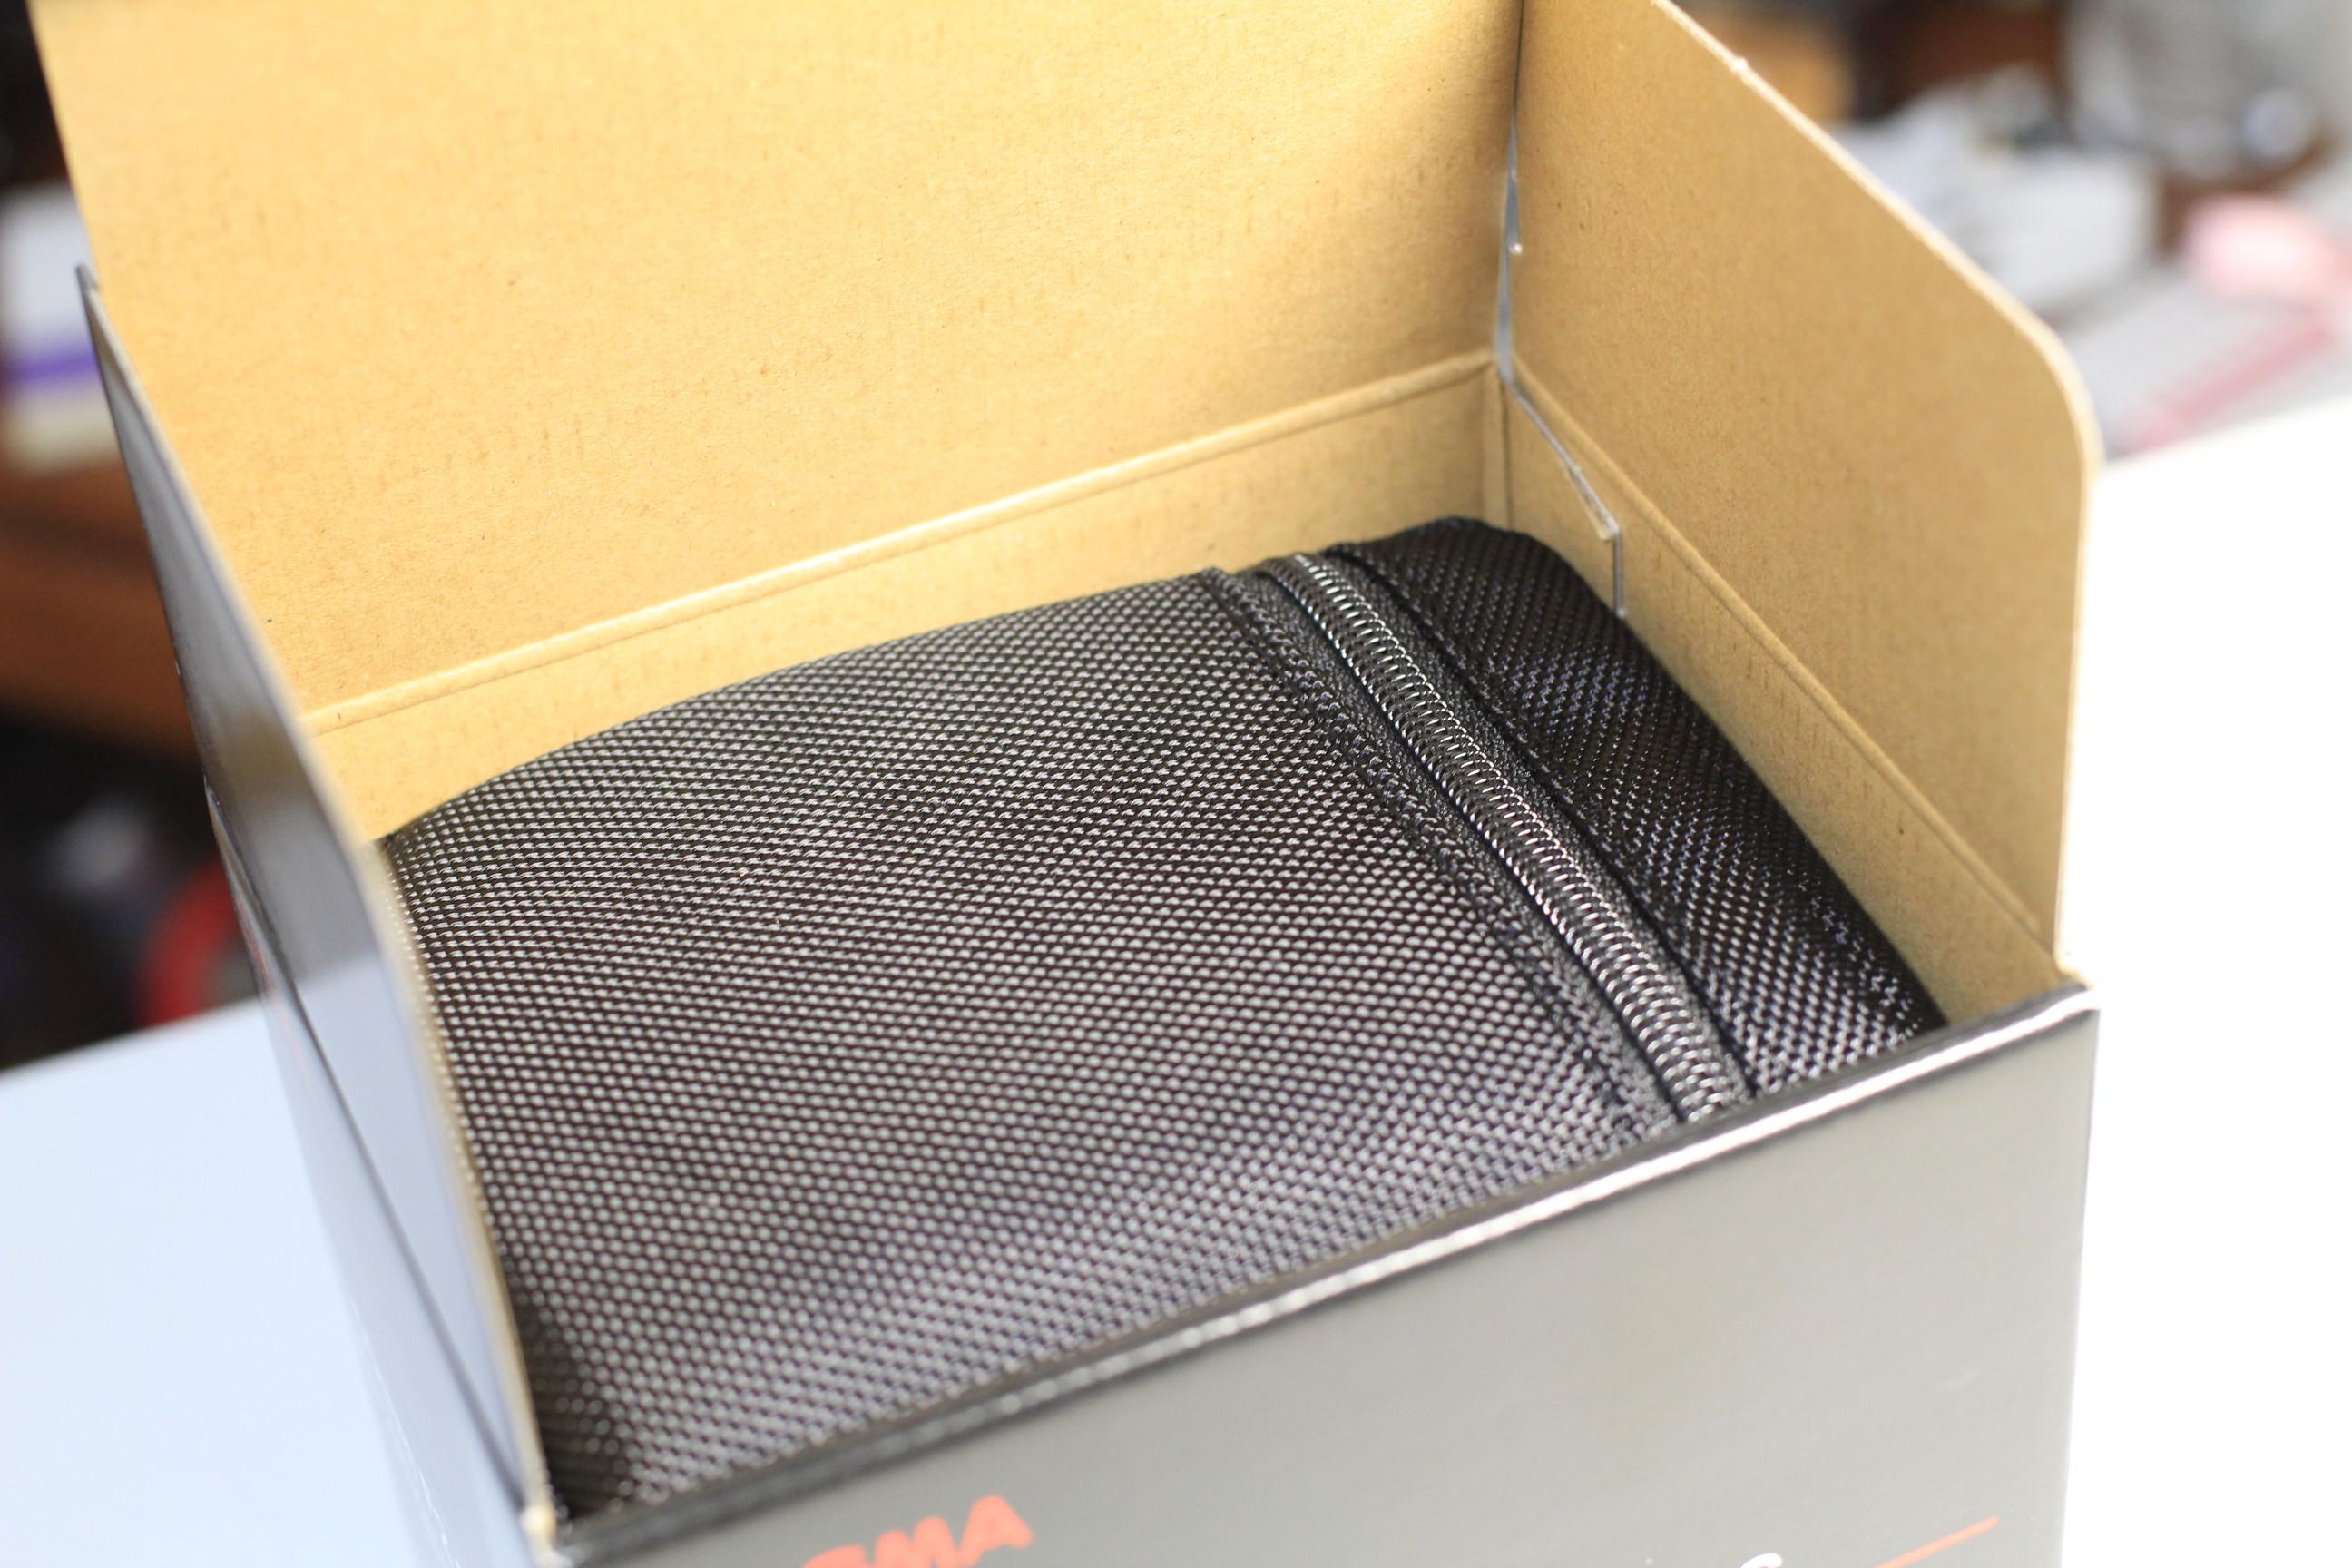 SIGMA(シグマ) 17-50mm f2.8 EX DC OS HSMの箱の中身